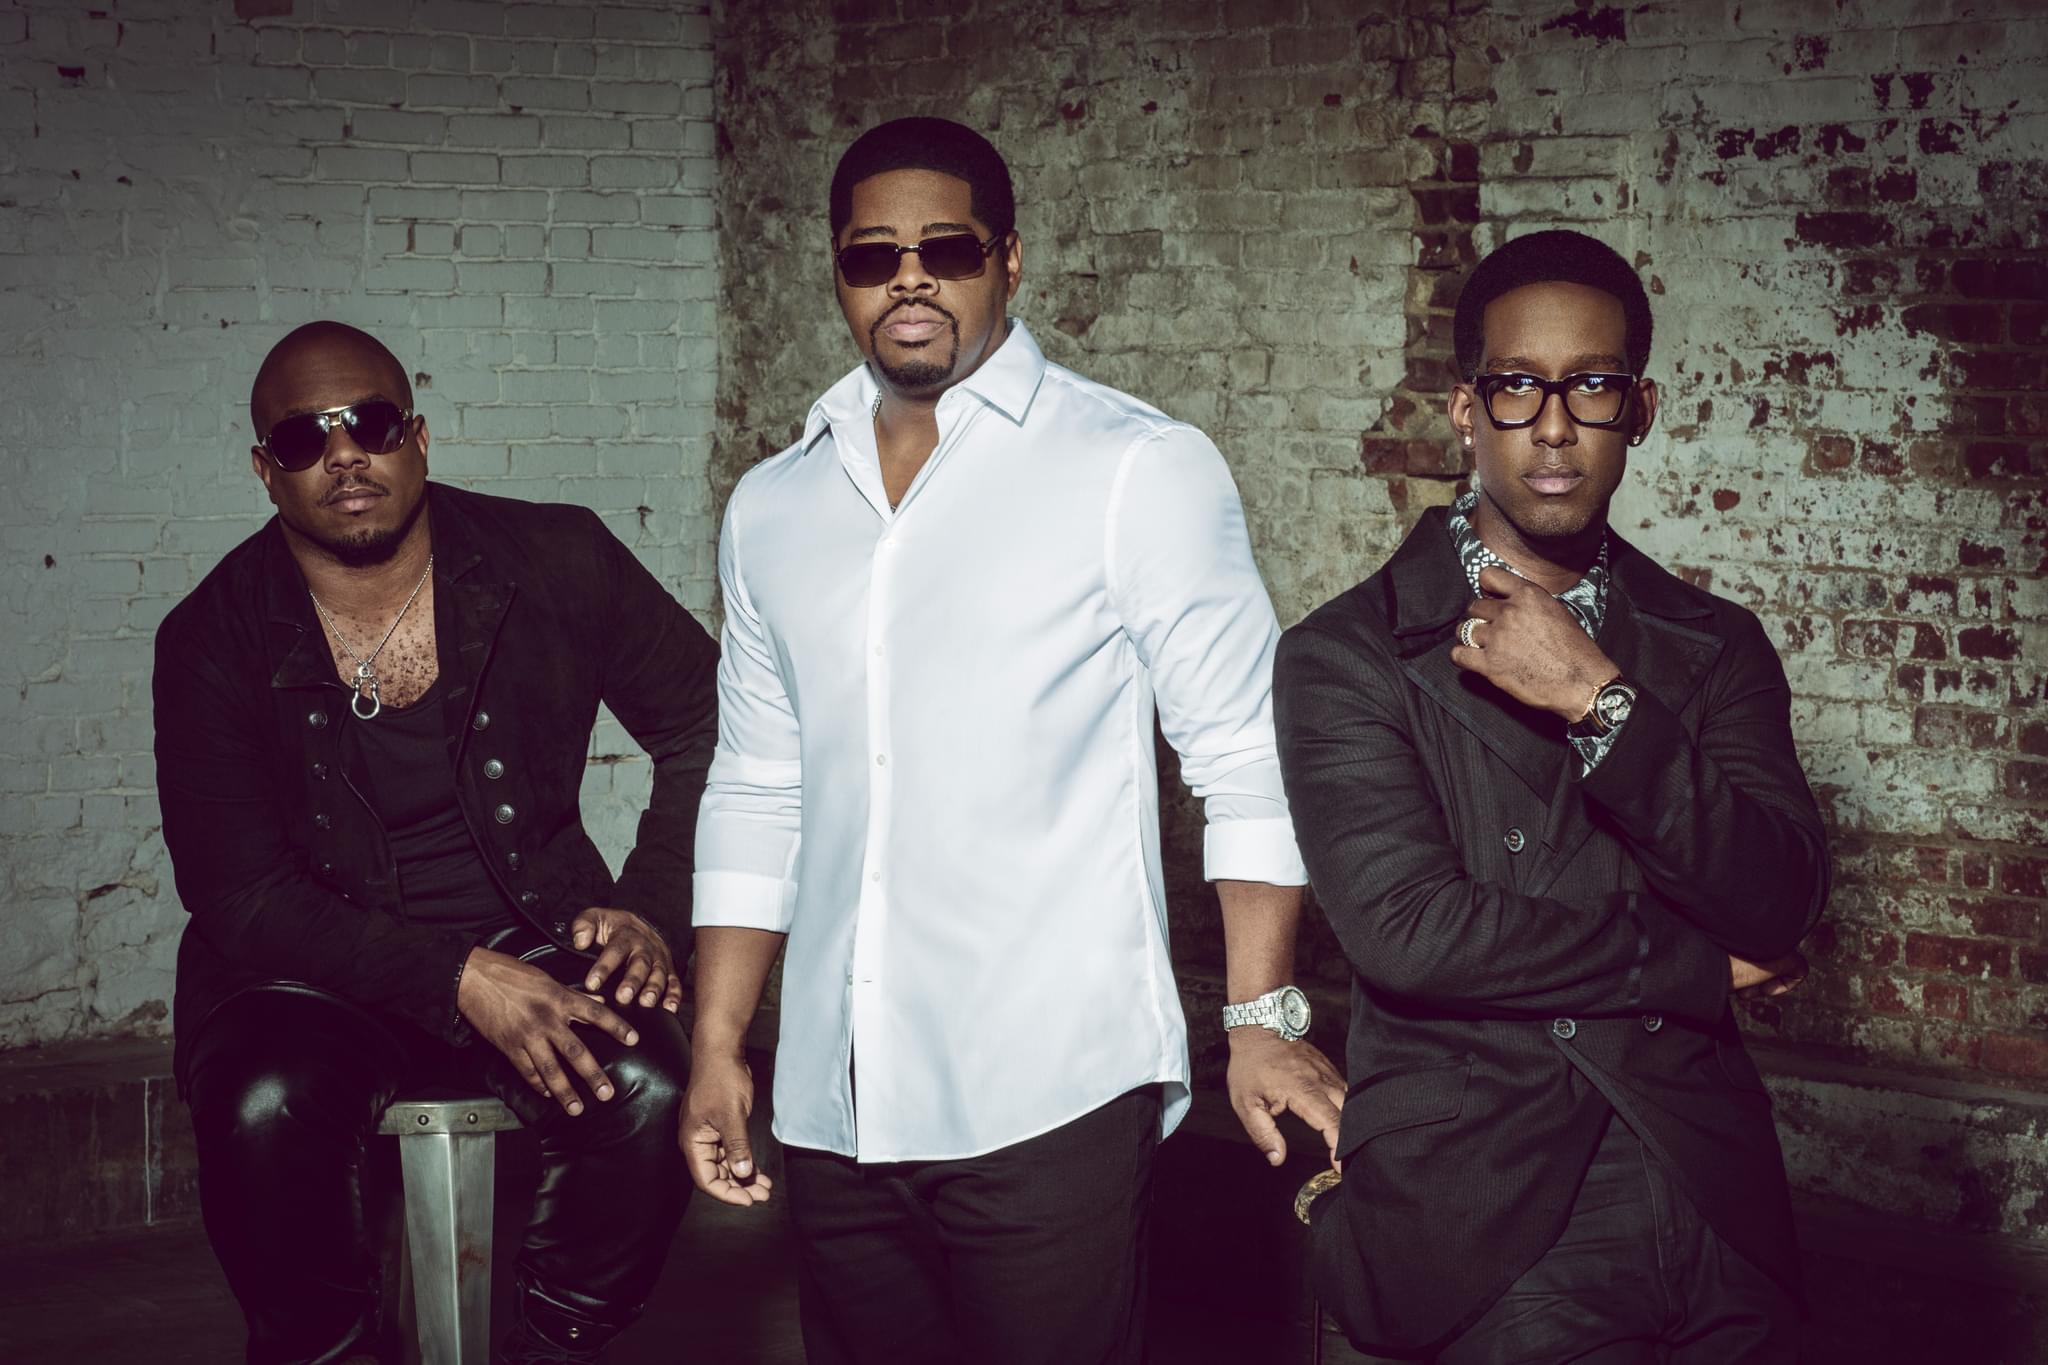 Boyz II Men Plan Des Moines Concert [VIDEO]